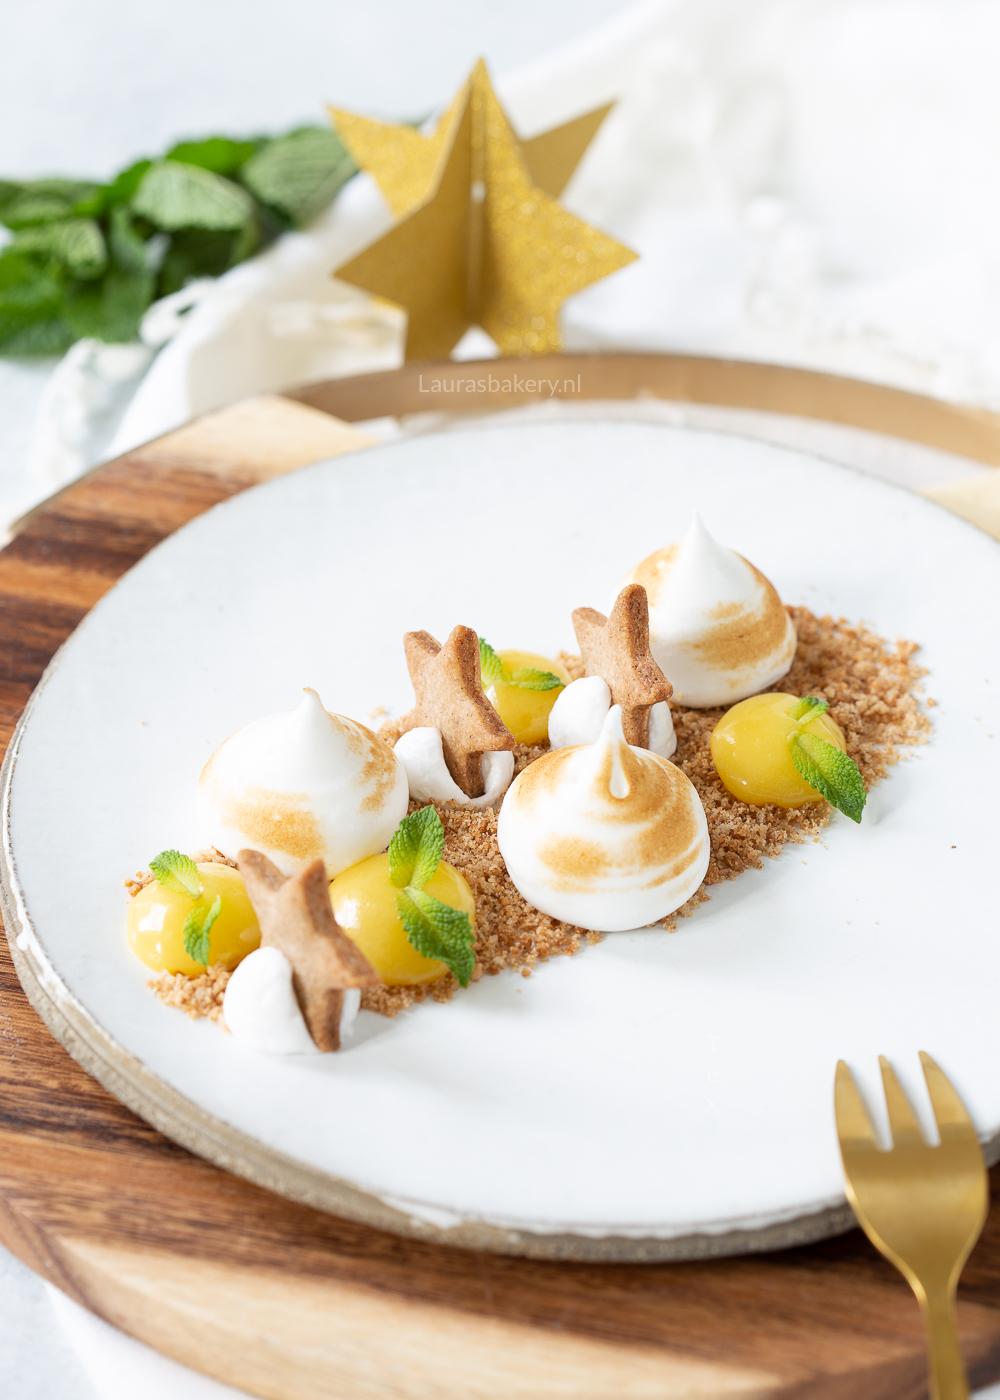 Deconstructed lemon meringue pie dessert